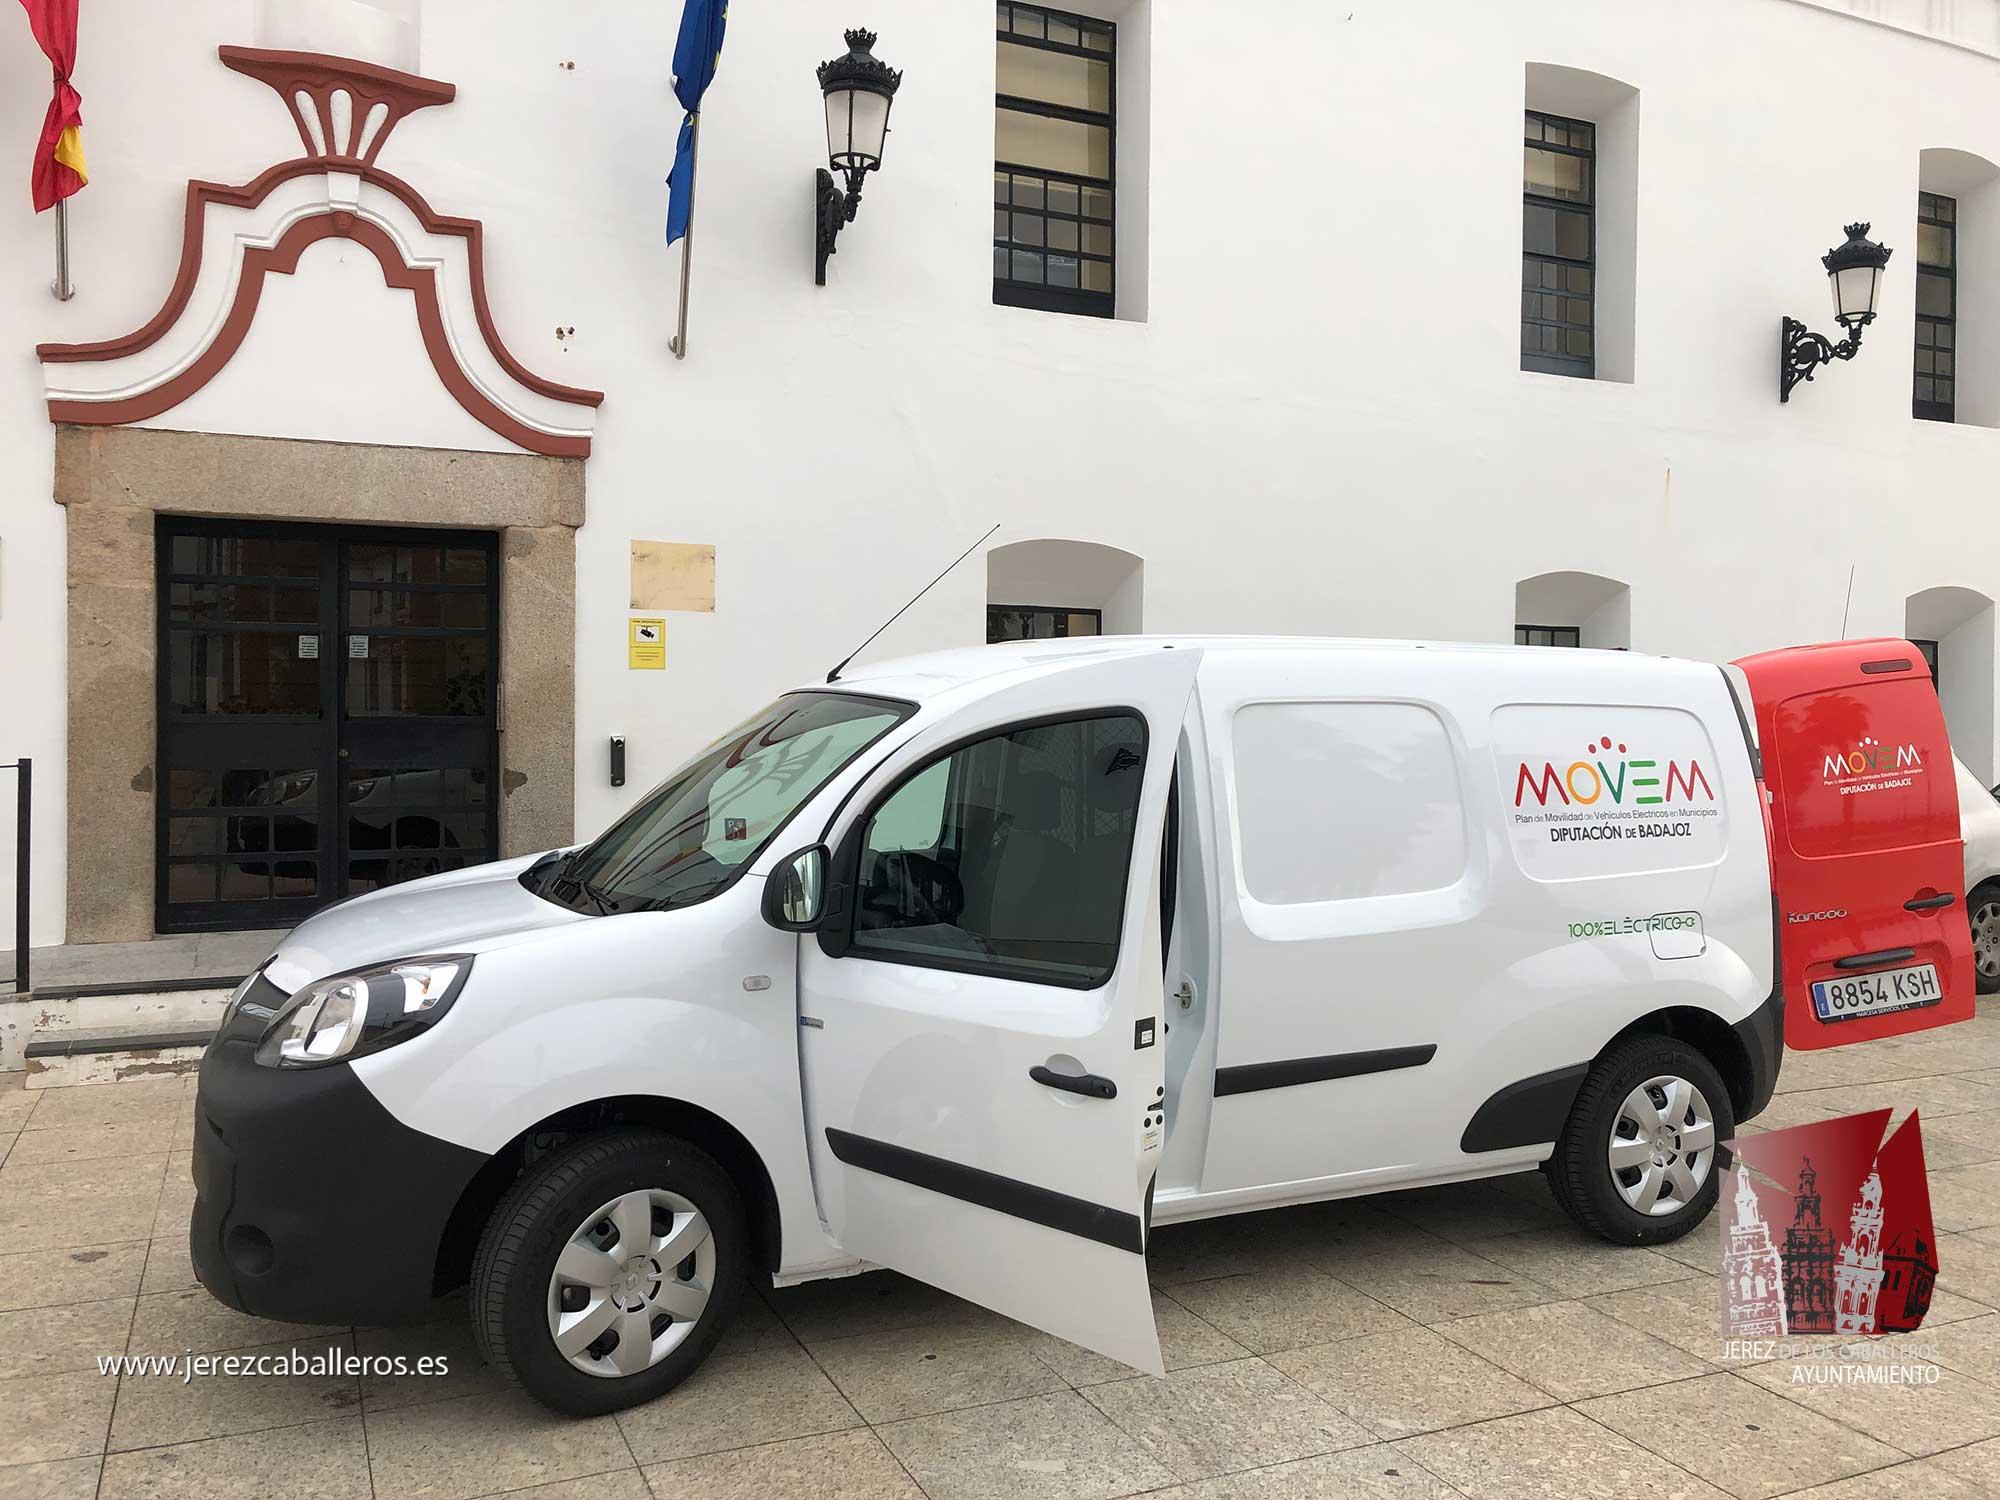 Jerez de los Caballeros recibe de la Diputación de Badajoz uno de los vehículos eléctricos del Plan MOVEM